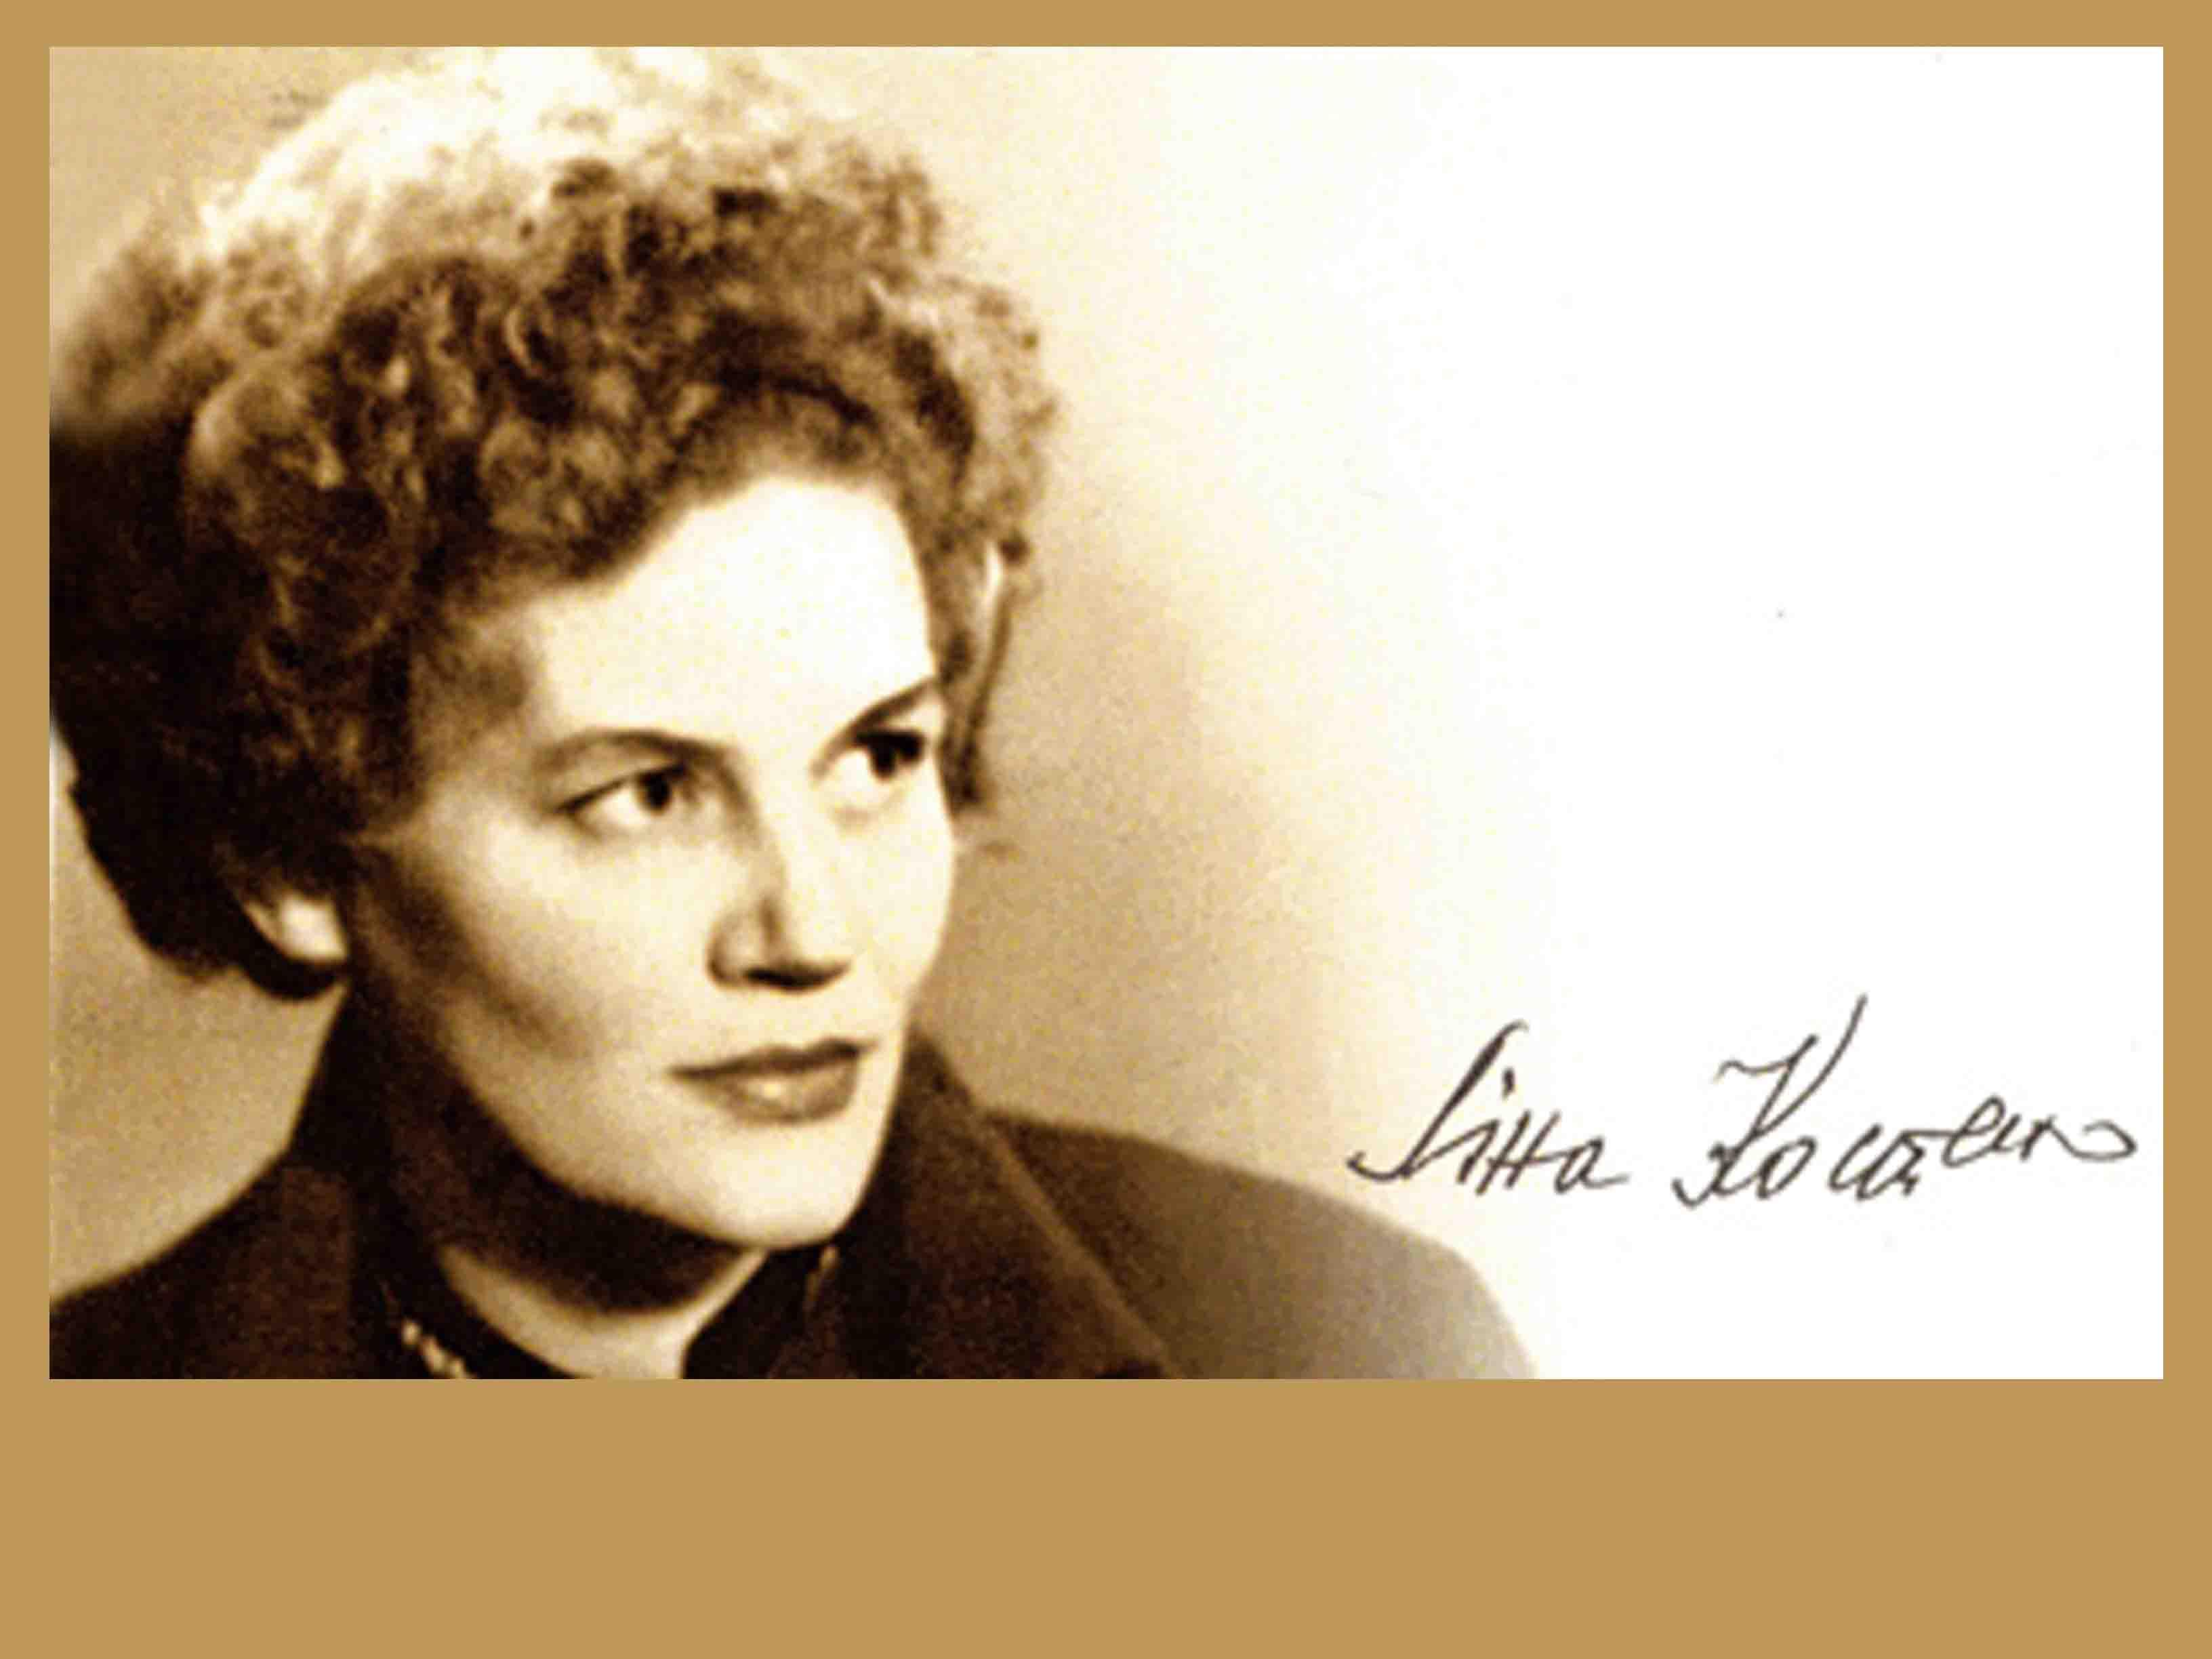 Лина Костенко— великая женщина, совершившая неимоверное, празднует день рождения